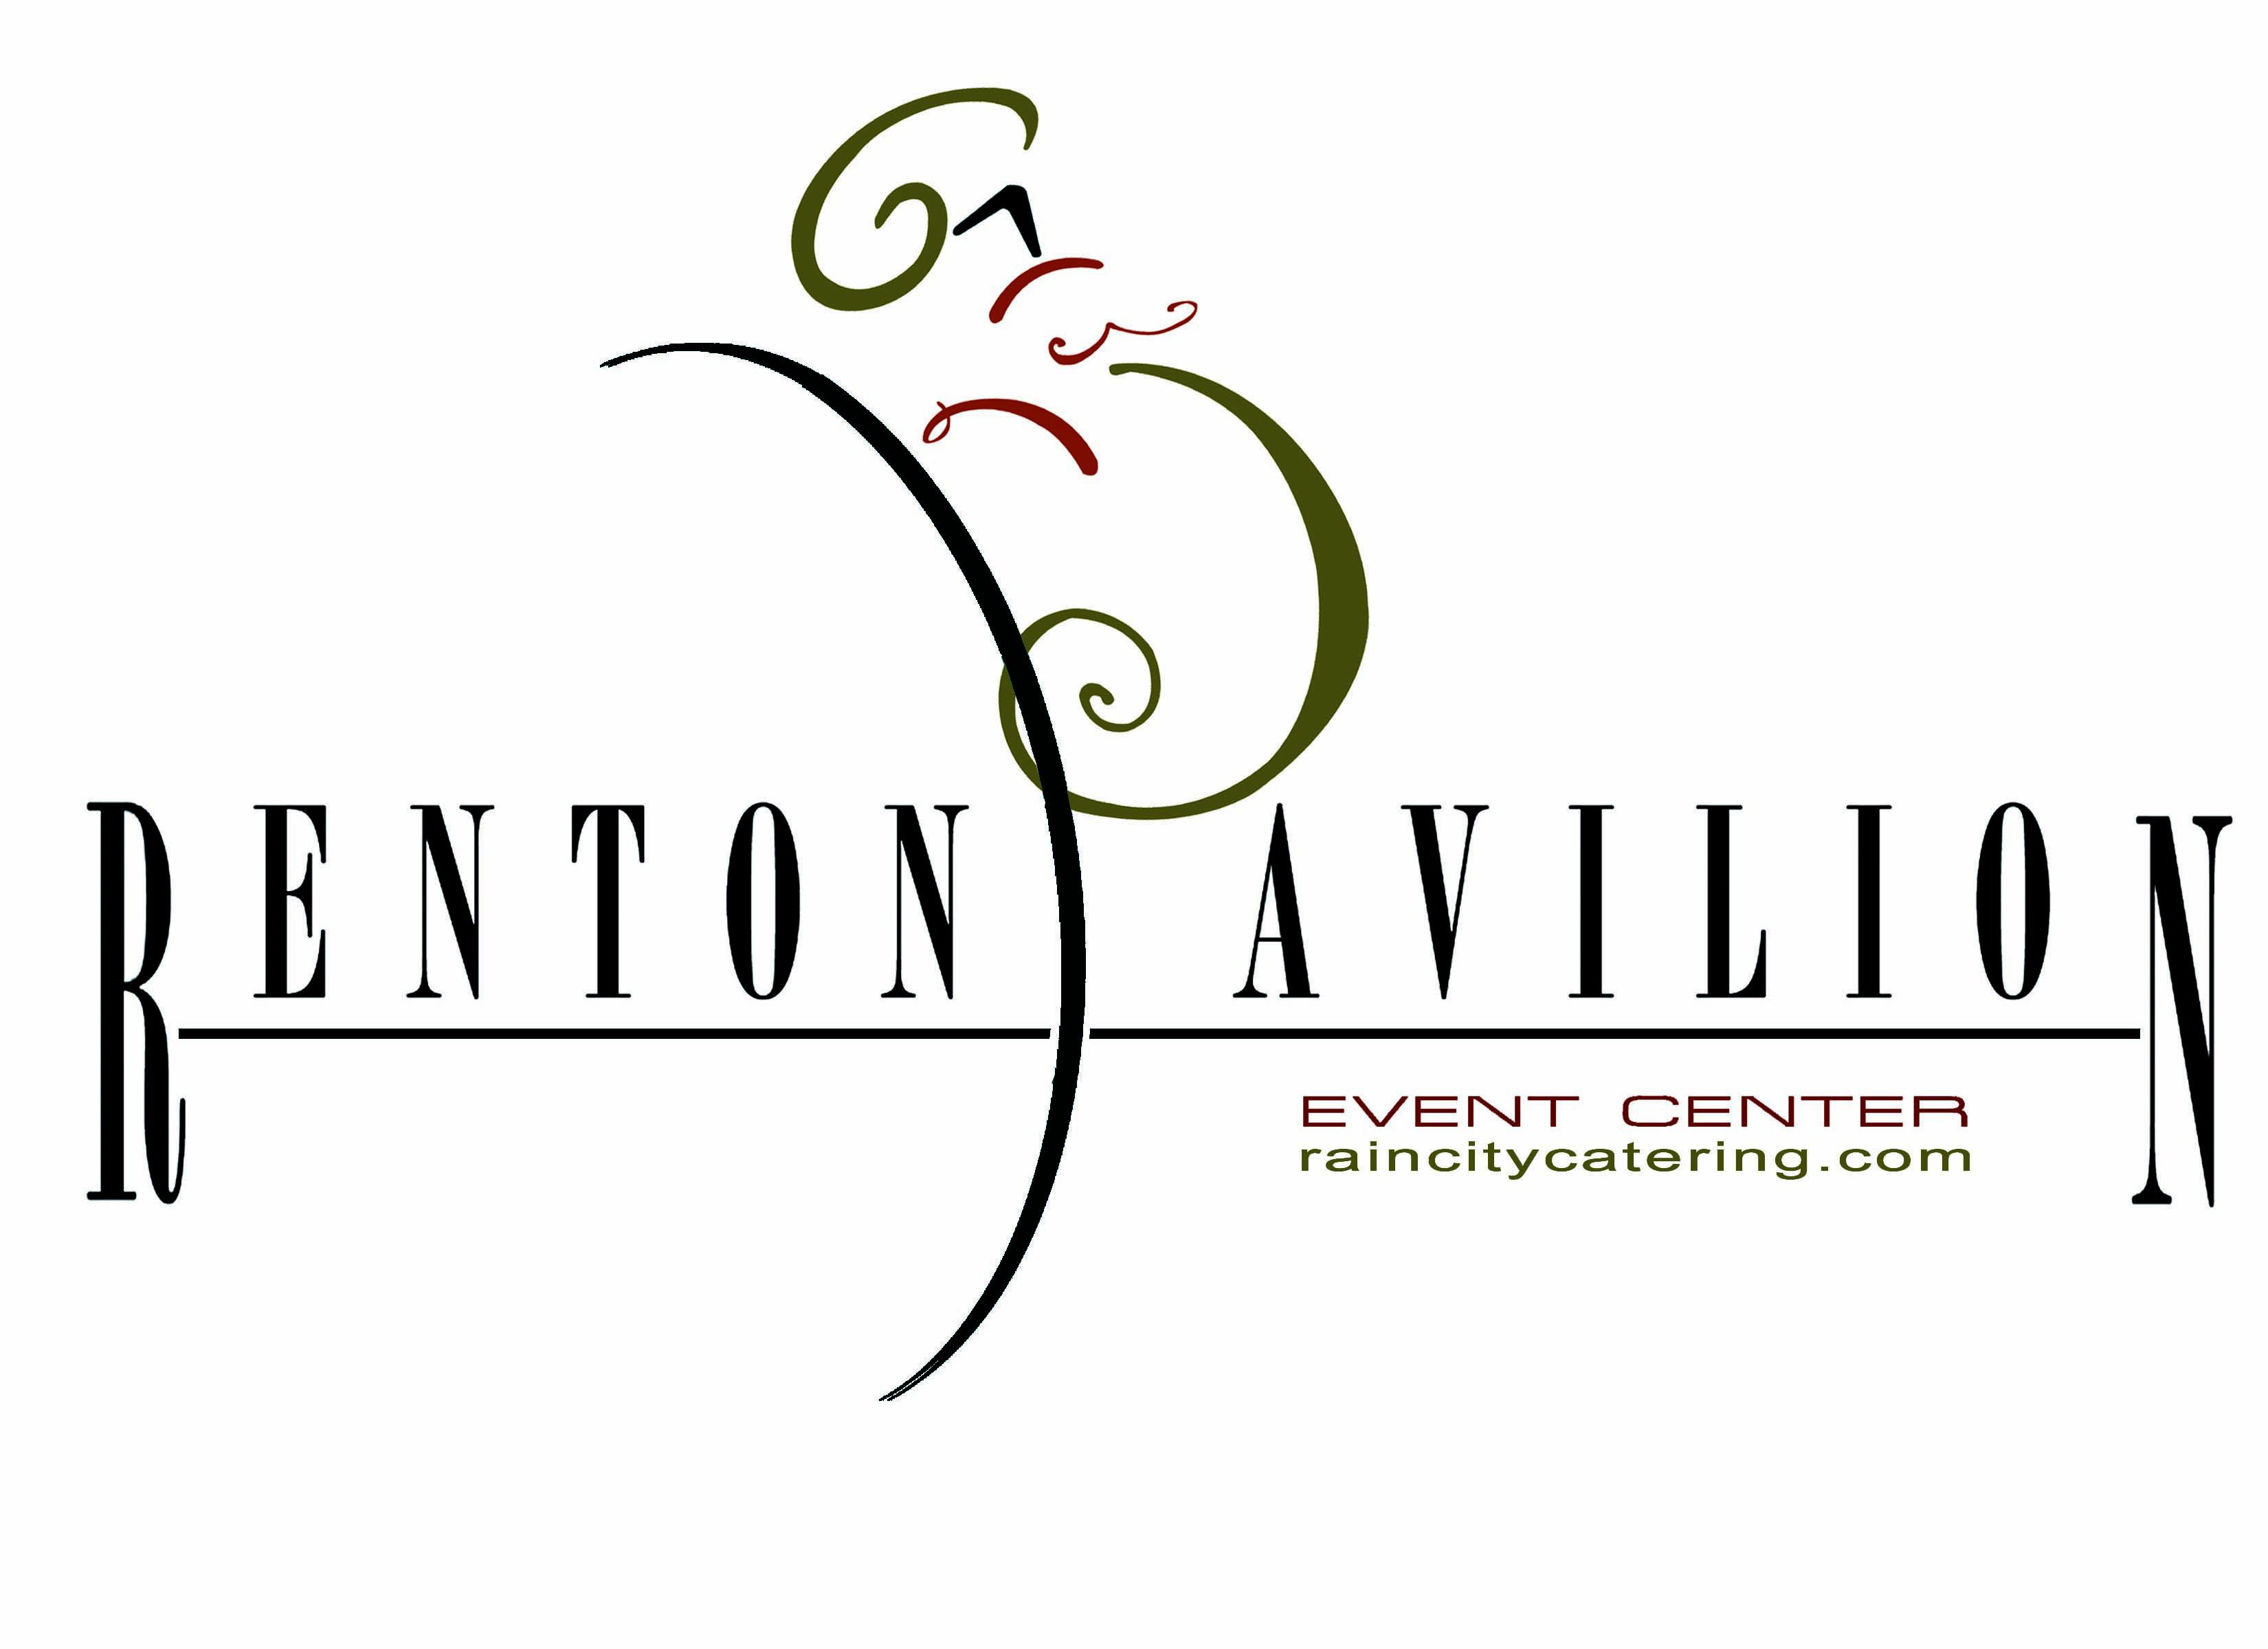 Renton Pavilion